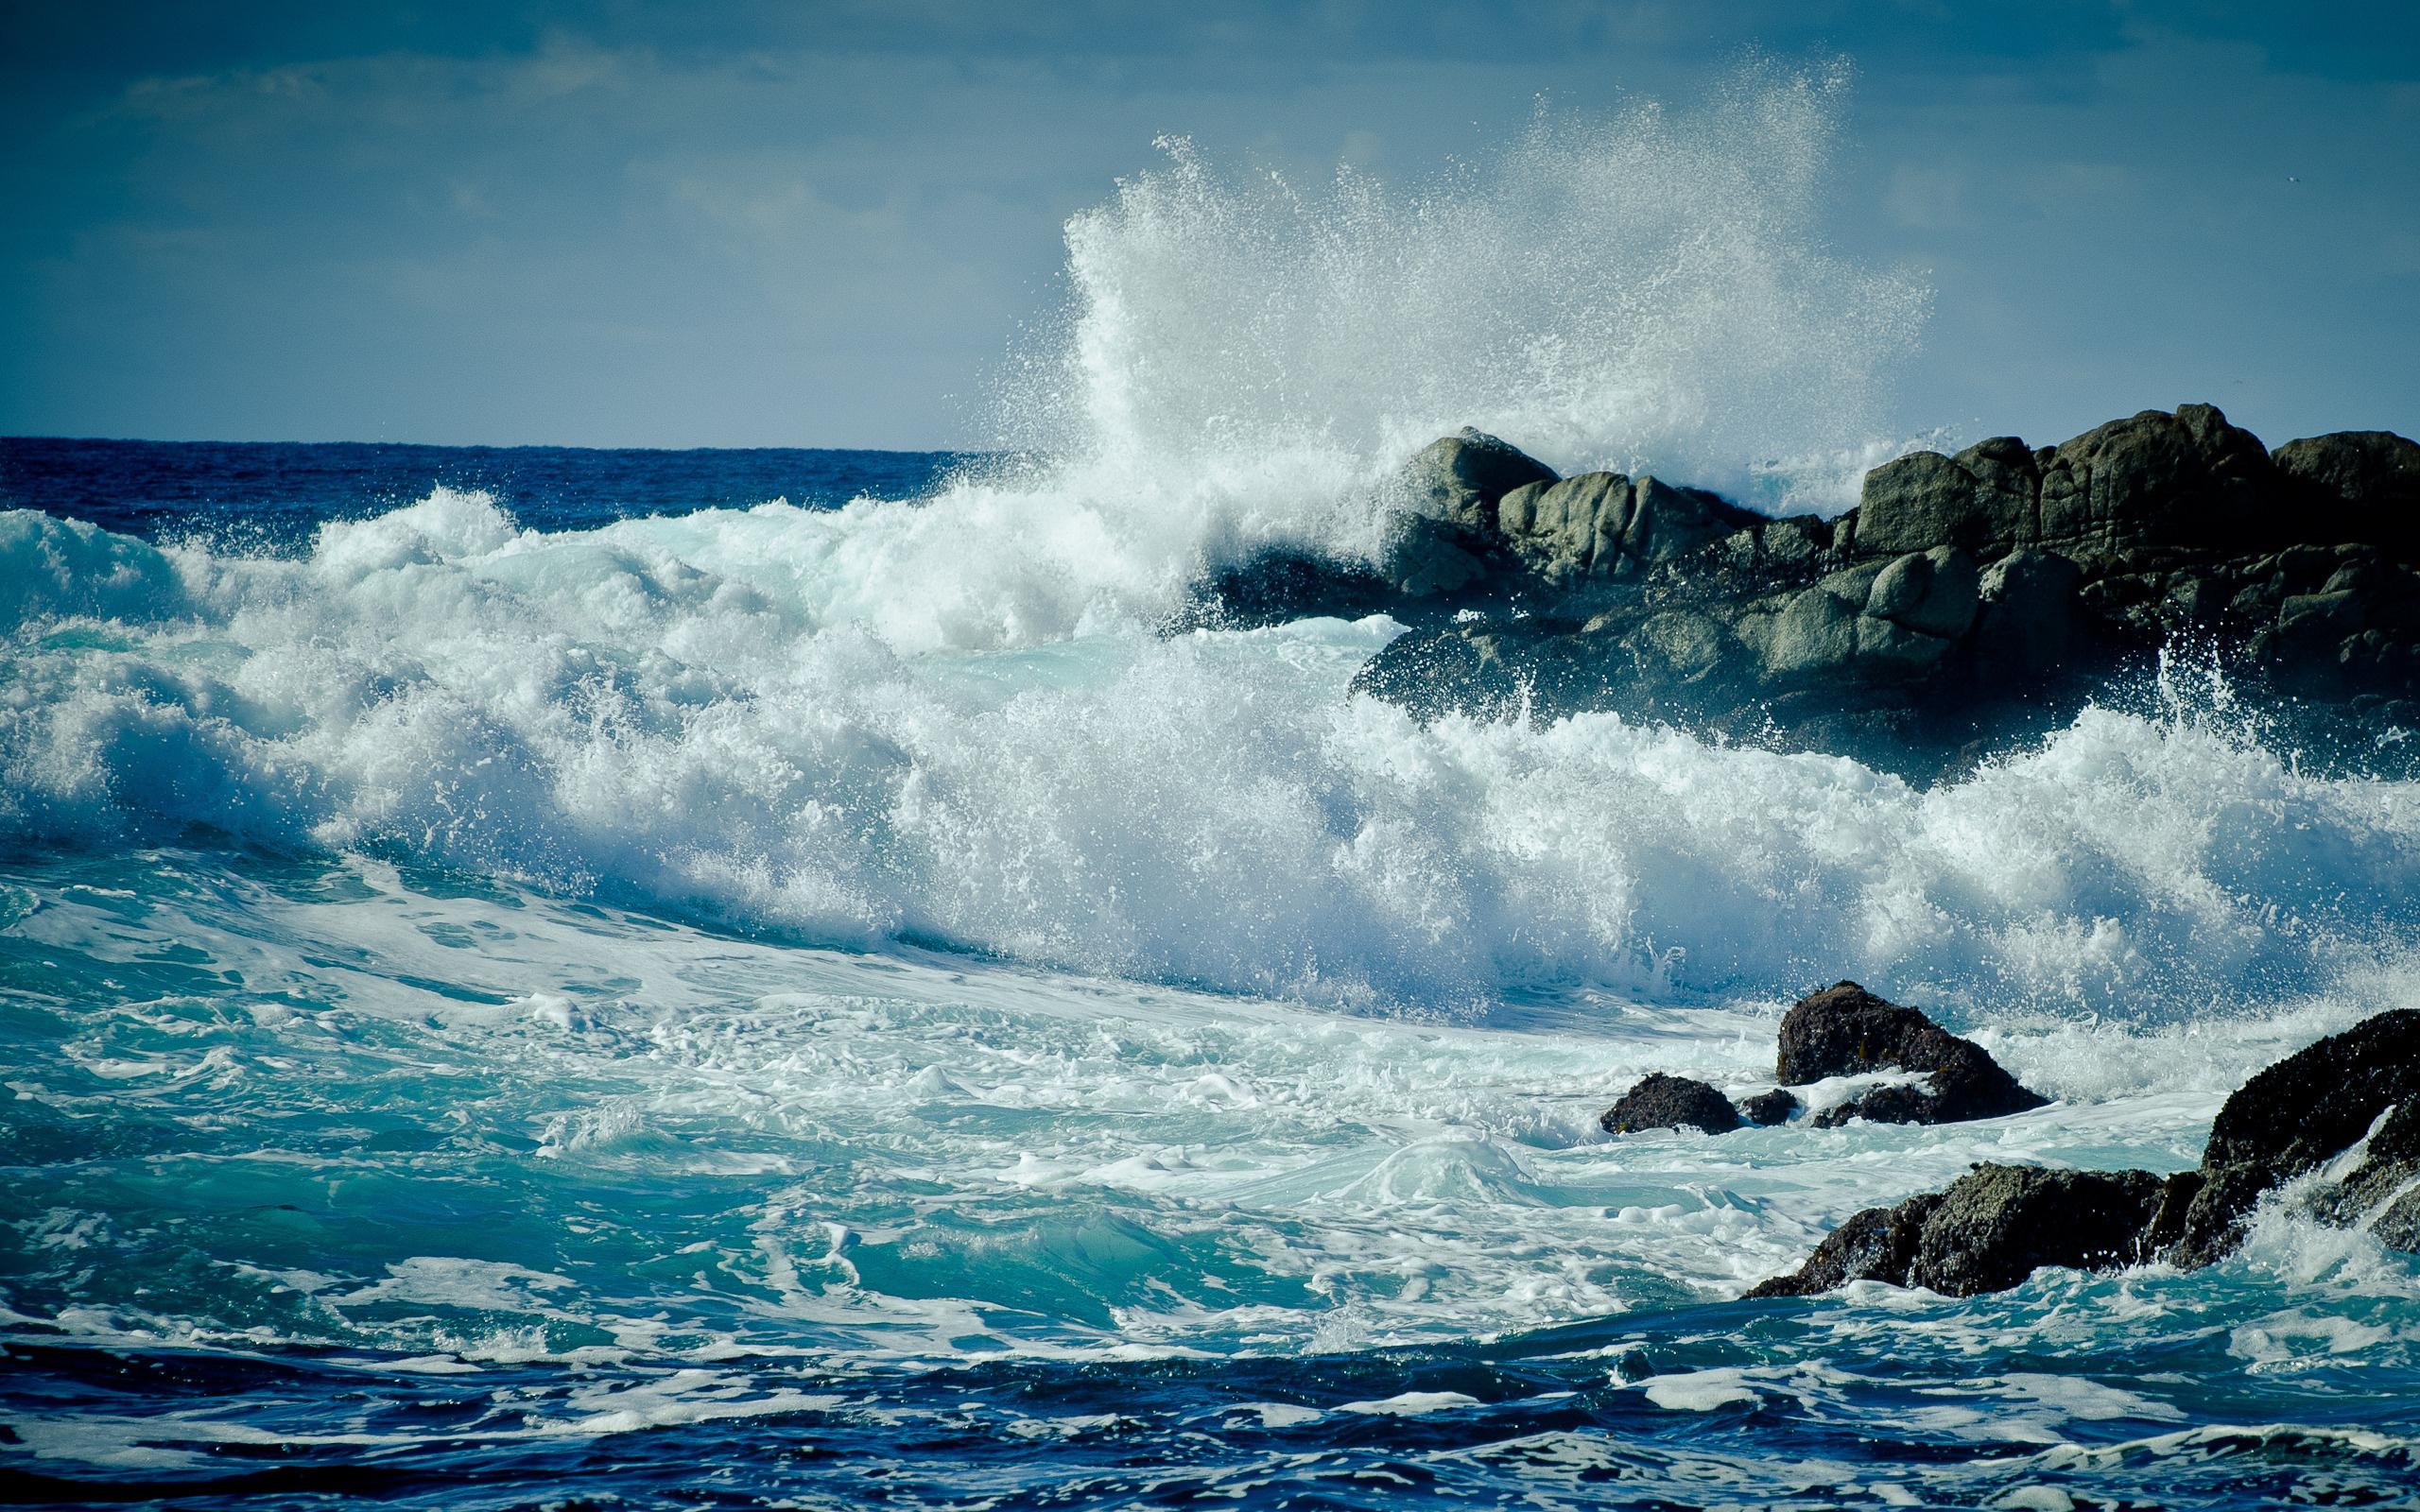 19699 скачать обои Пейзаж, Море, Волны - заставки и картинки бесплатно